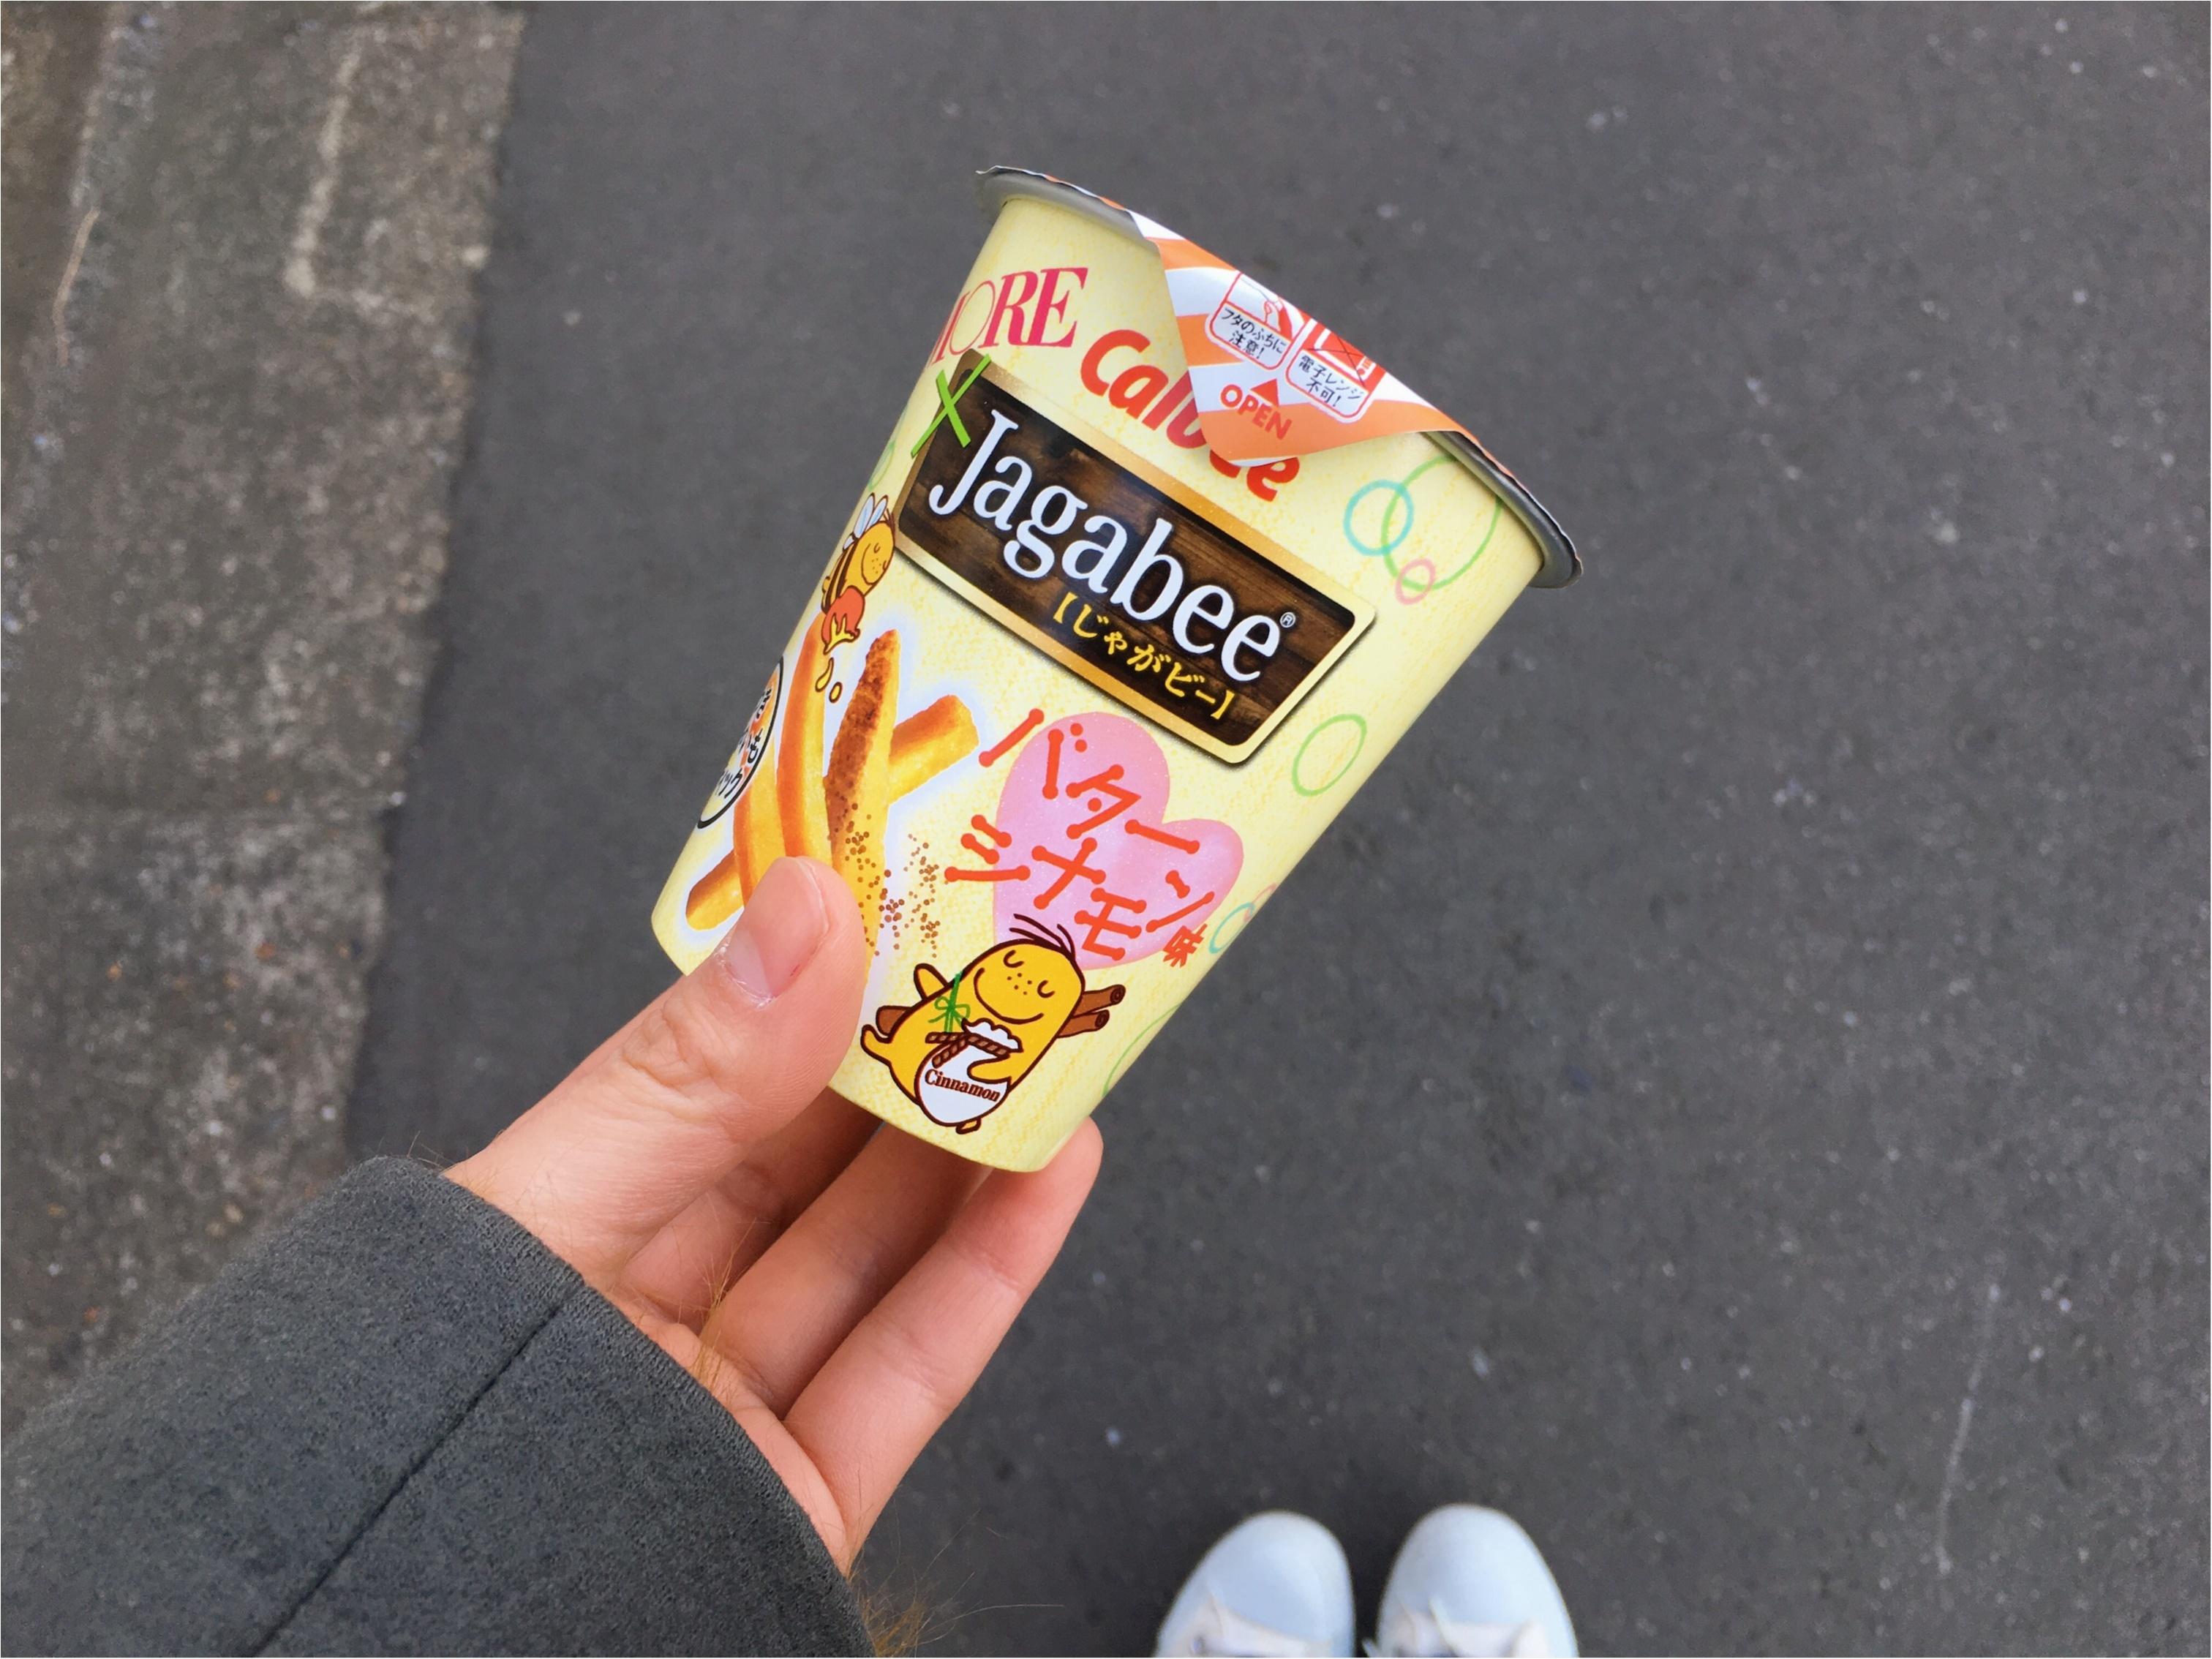 ★もう食べた?!わたしたちが作った新商品!『スイーツ系Jagabee』がコンビニで先行発売されてるんです!可愛いパッケージにもご注目!♡♡_2